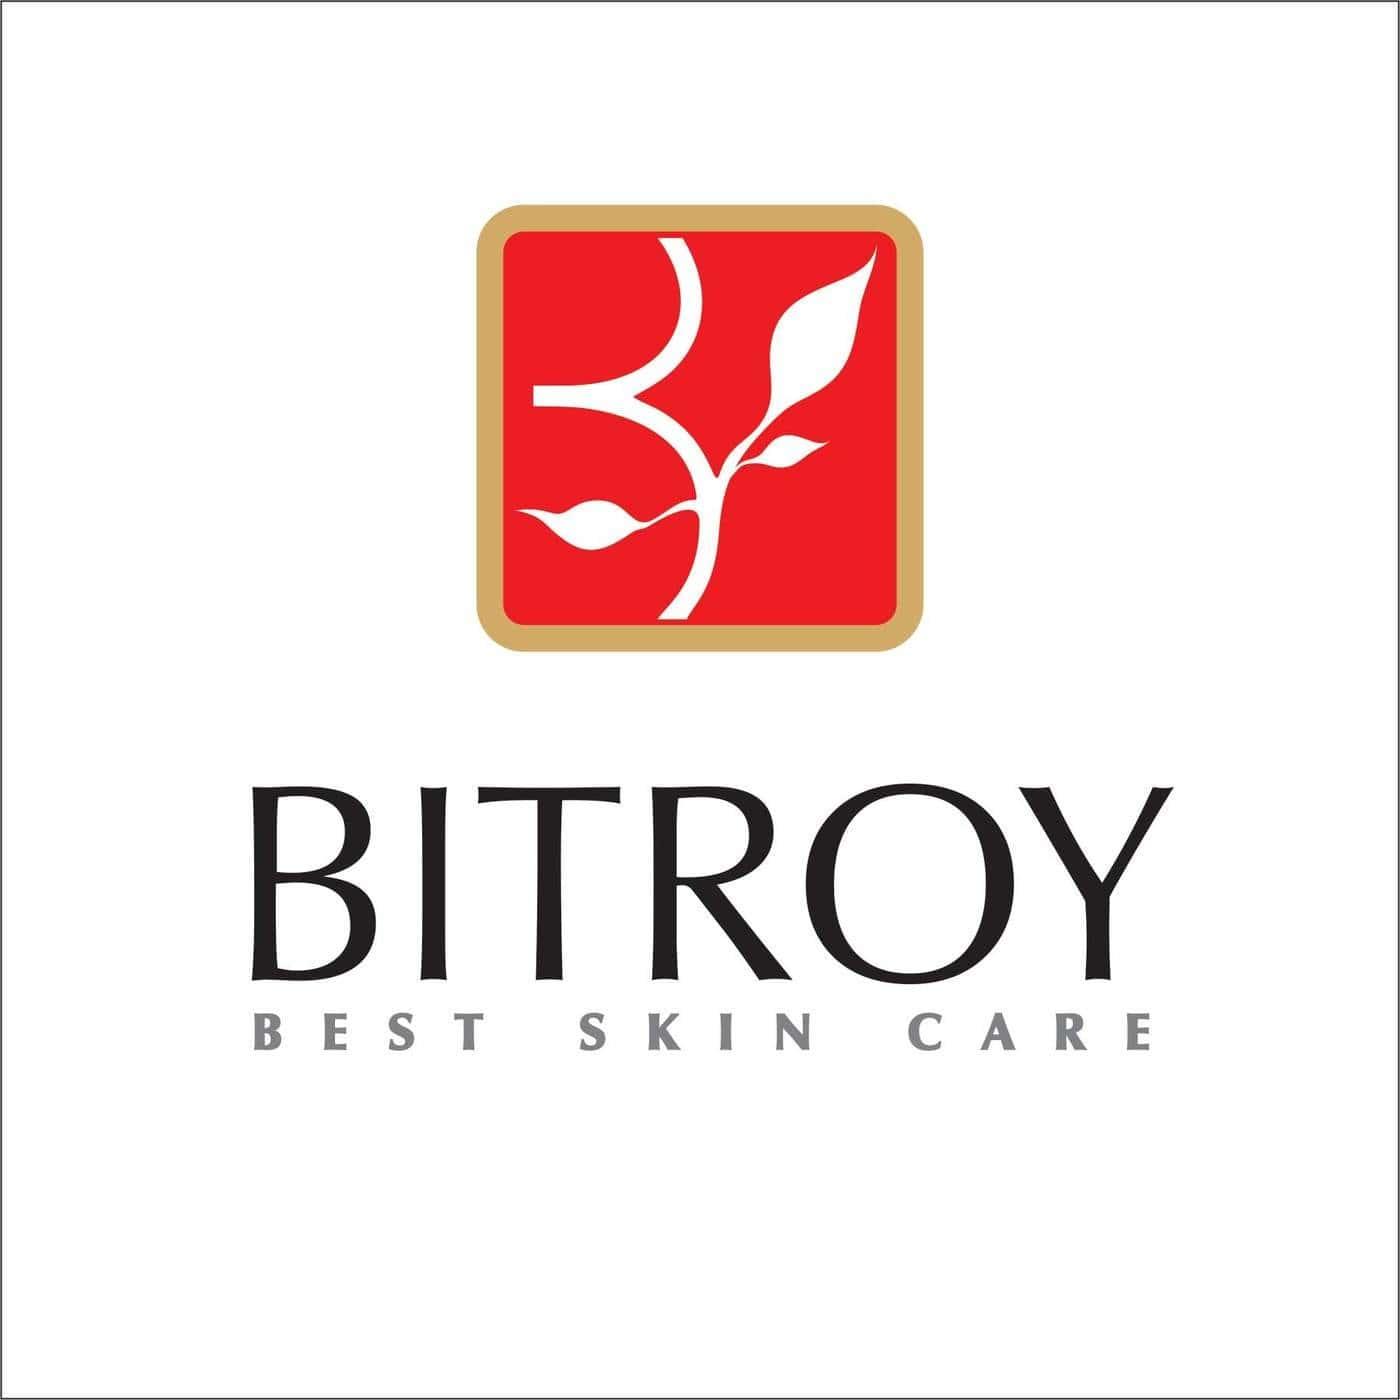 بیتروی | Bitroy